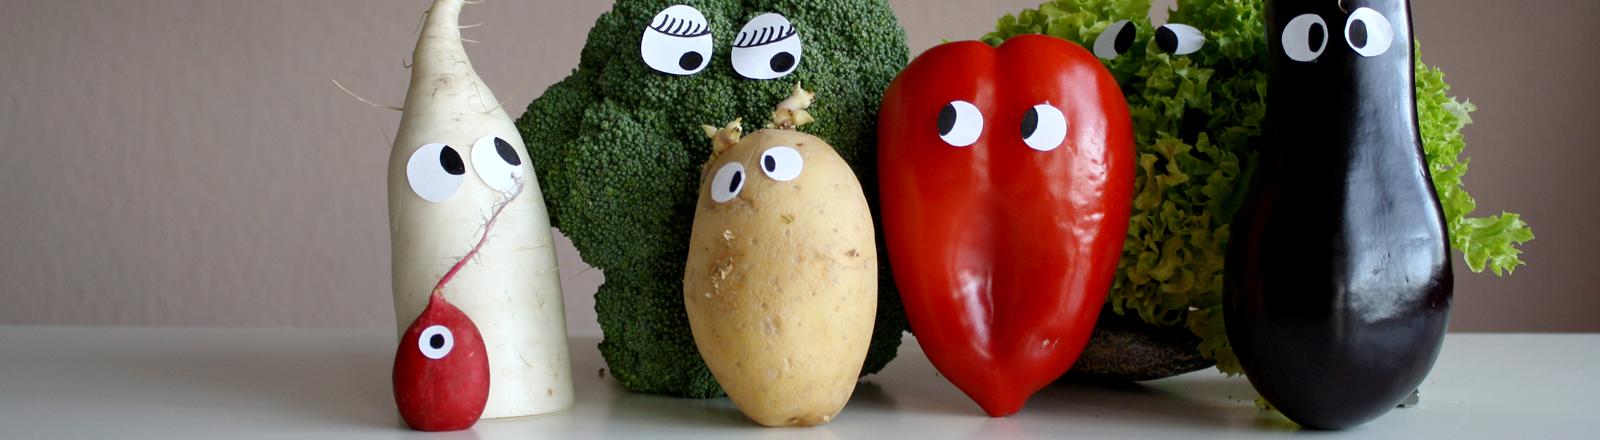 Obst und Gemüse mit Augen